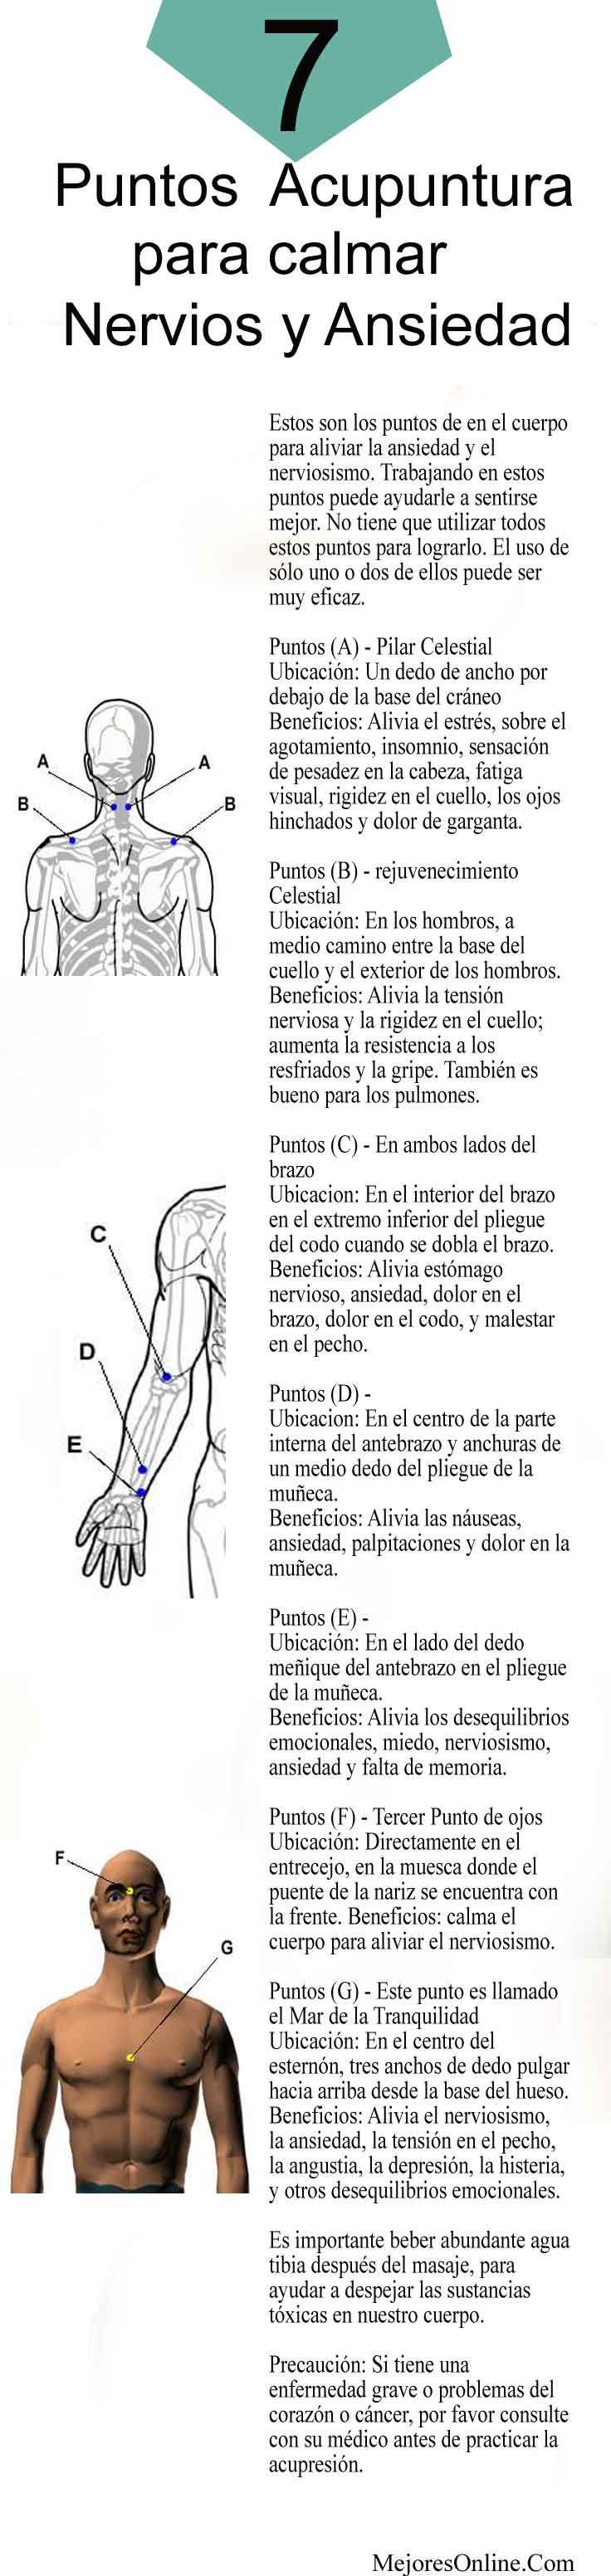 acupuntura-puntos-para-calmar-estres-ansiedad-nerviosismo. | spa ...